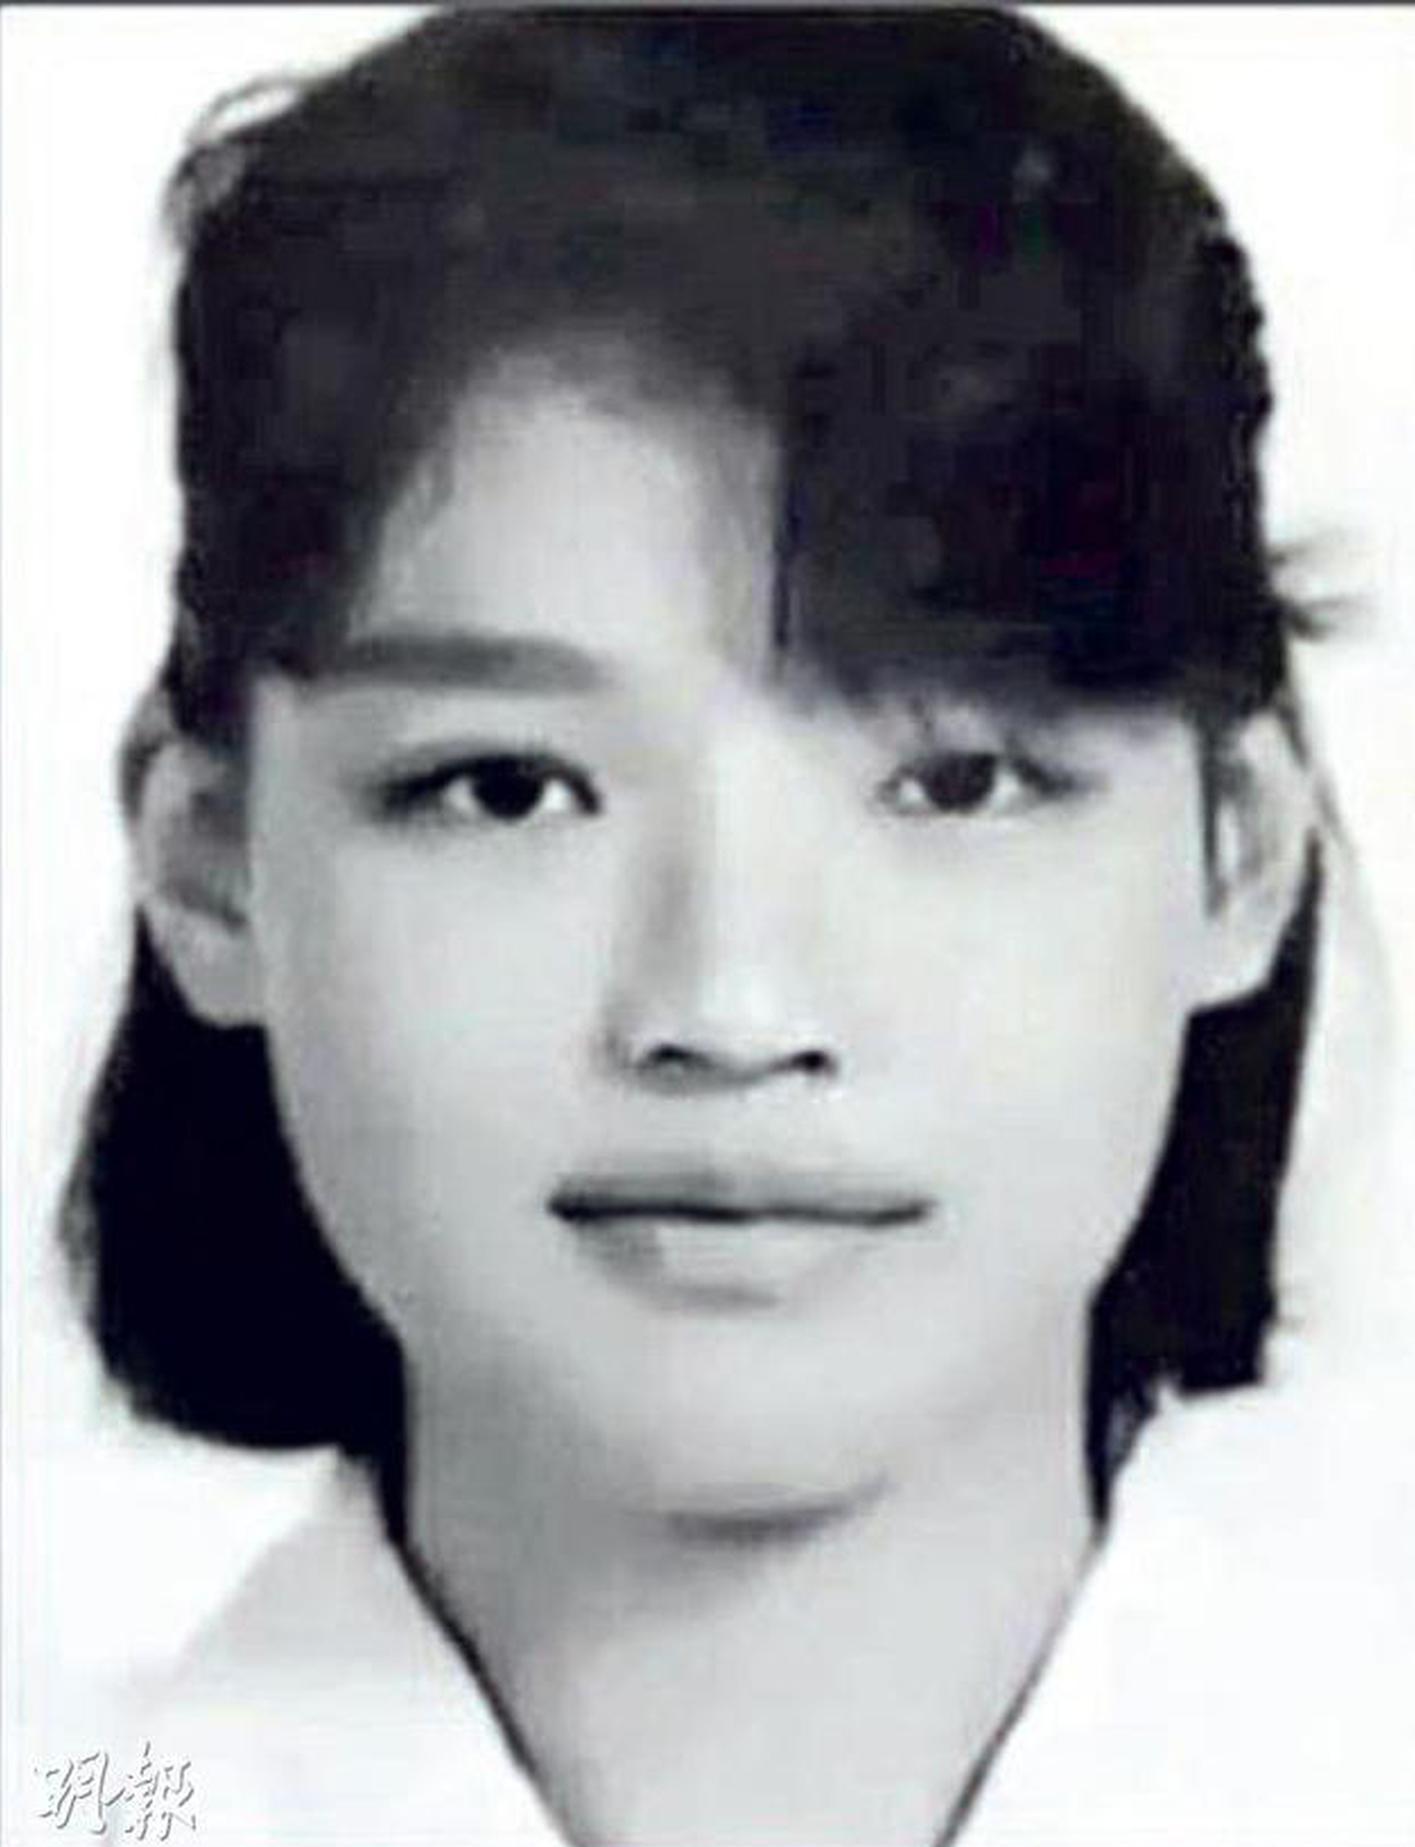 舒淇自曝童年时样貌不突出 曾被母亲嫌丑